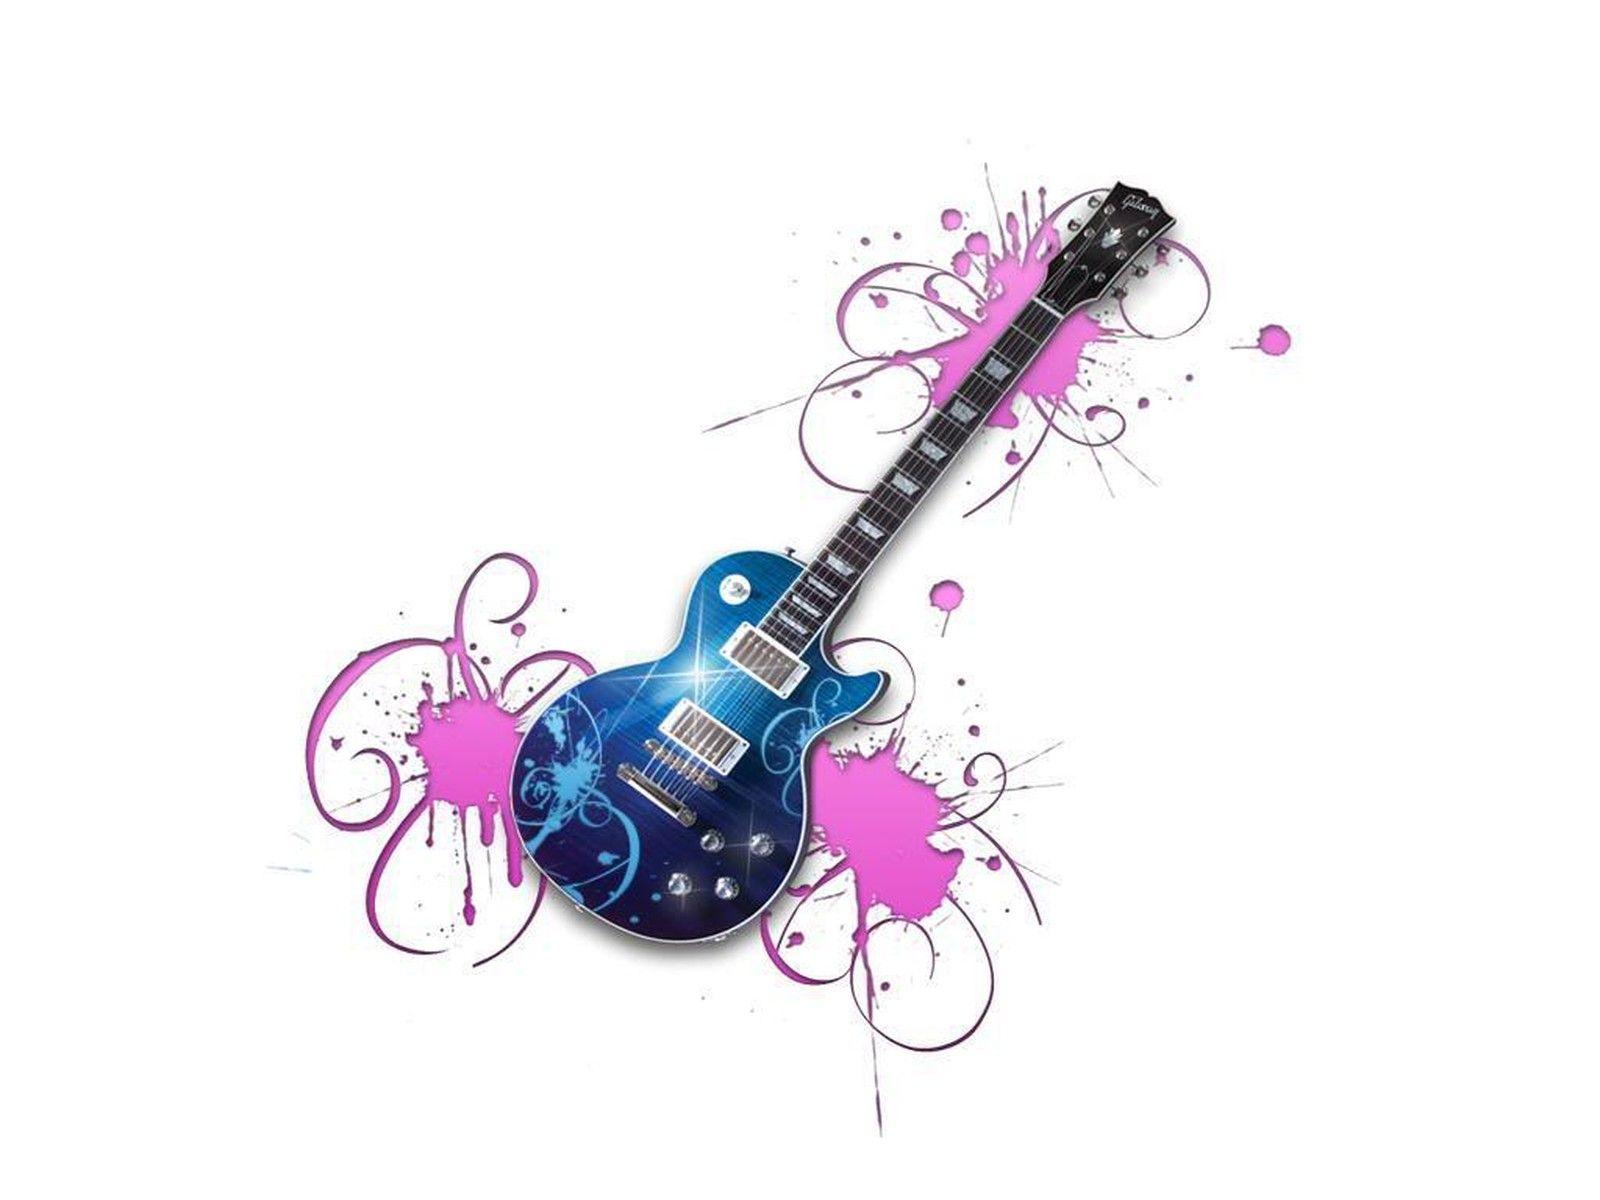 Top Wallpaper Music Food - e32a5b9b93221730975eebc2221596d3  Snapshot_151356.jpg